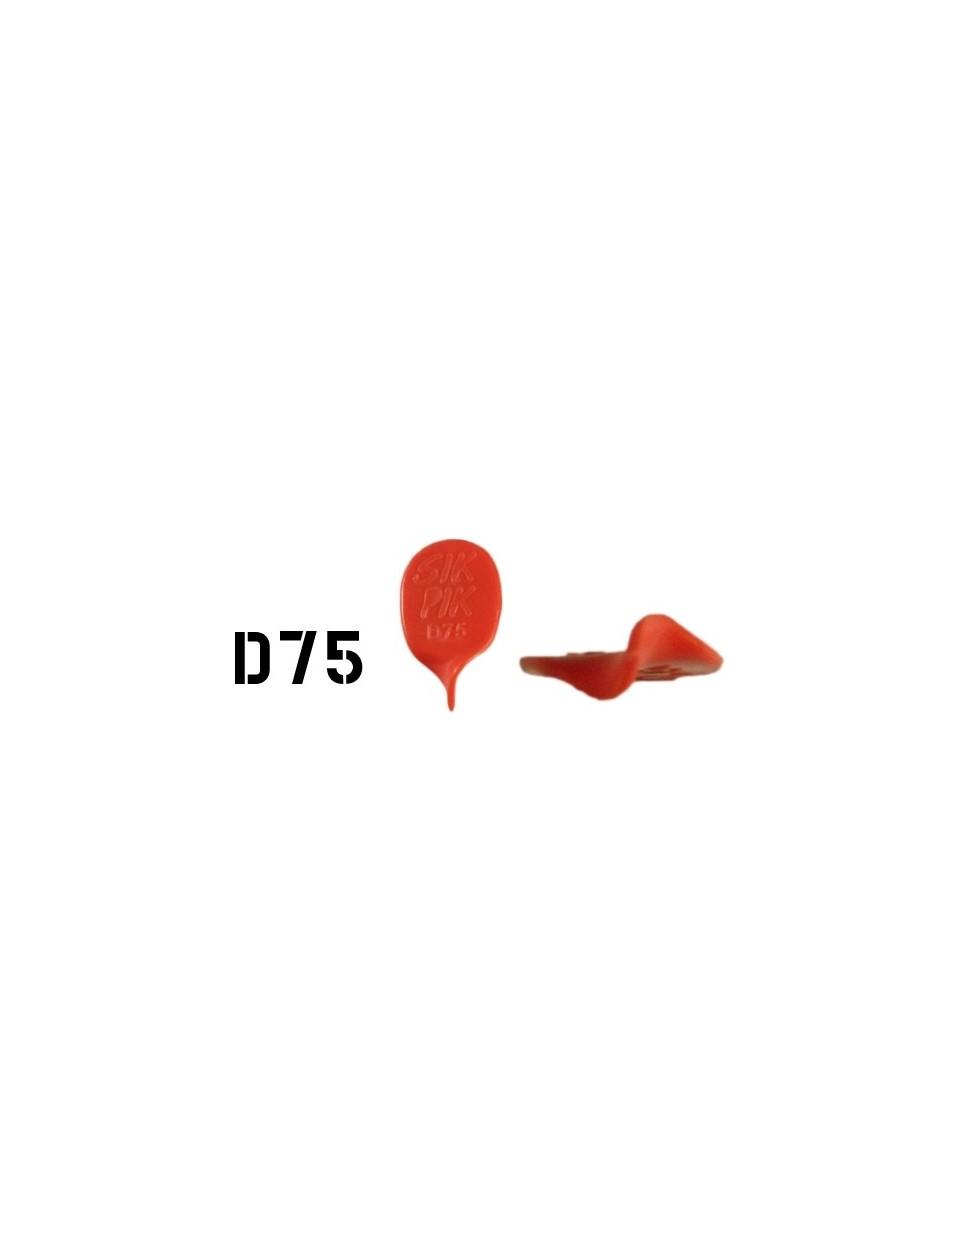 SikPik Orange D75